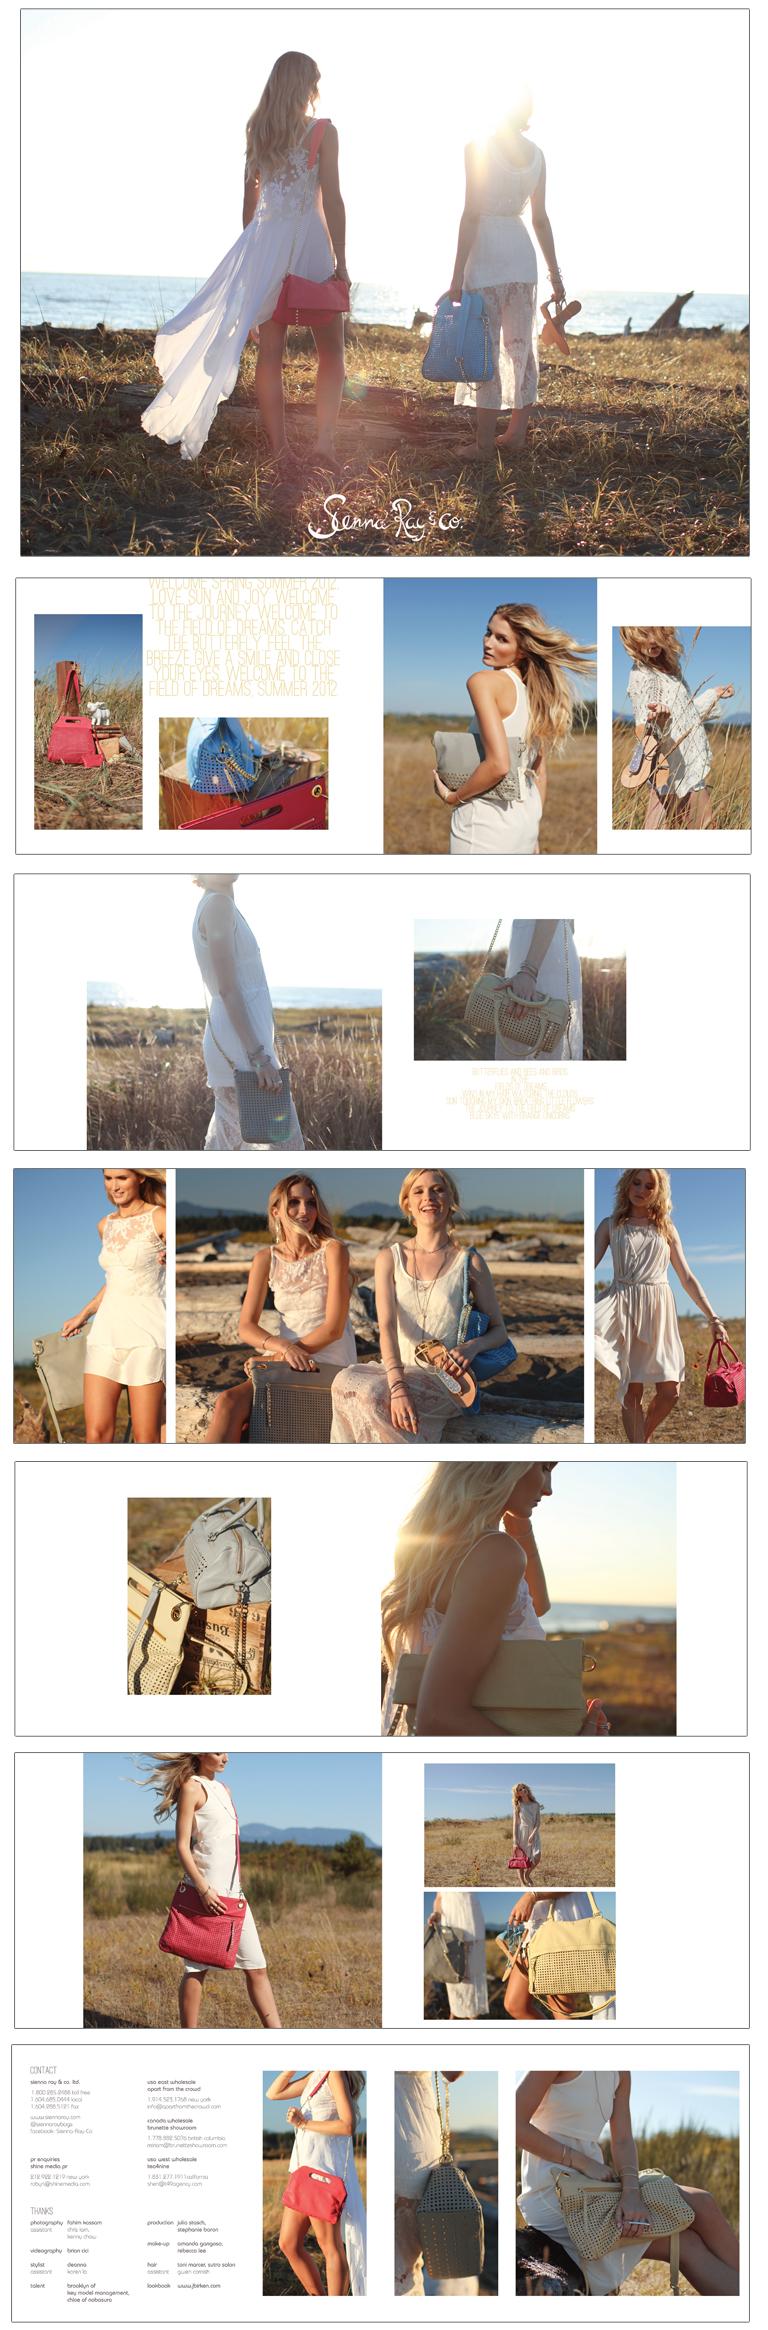 NatalieKathleen_4_FeildOfDreams_Lookbook.jpg